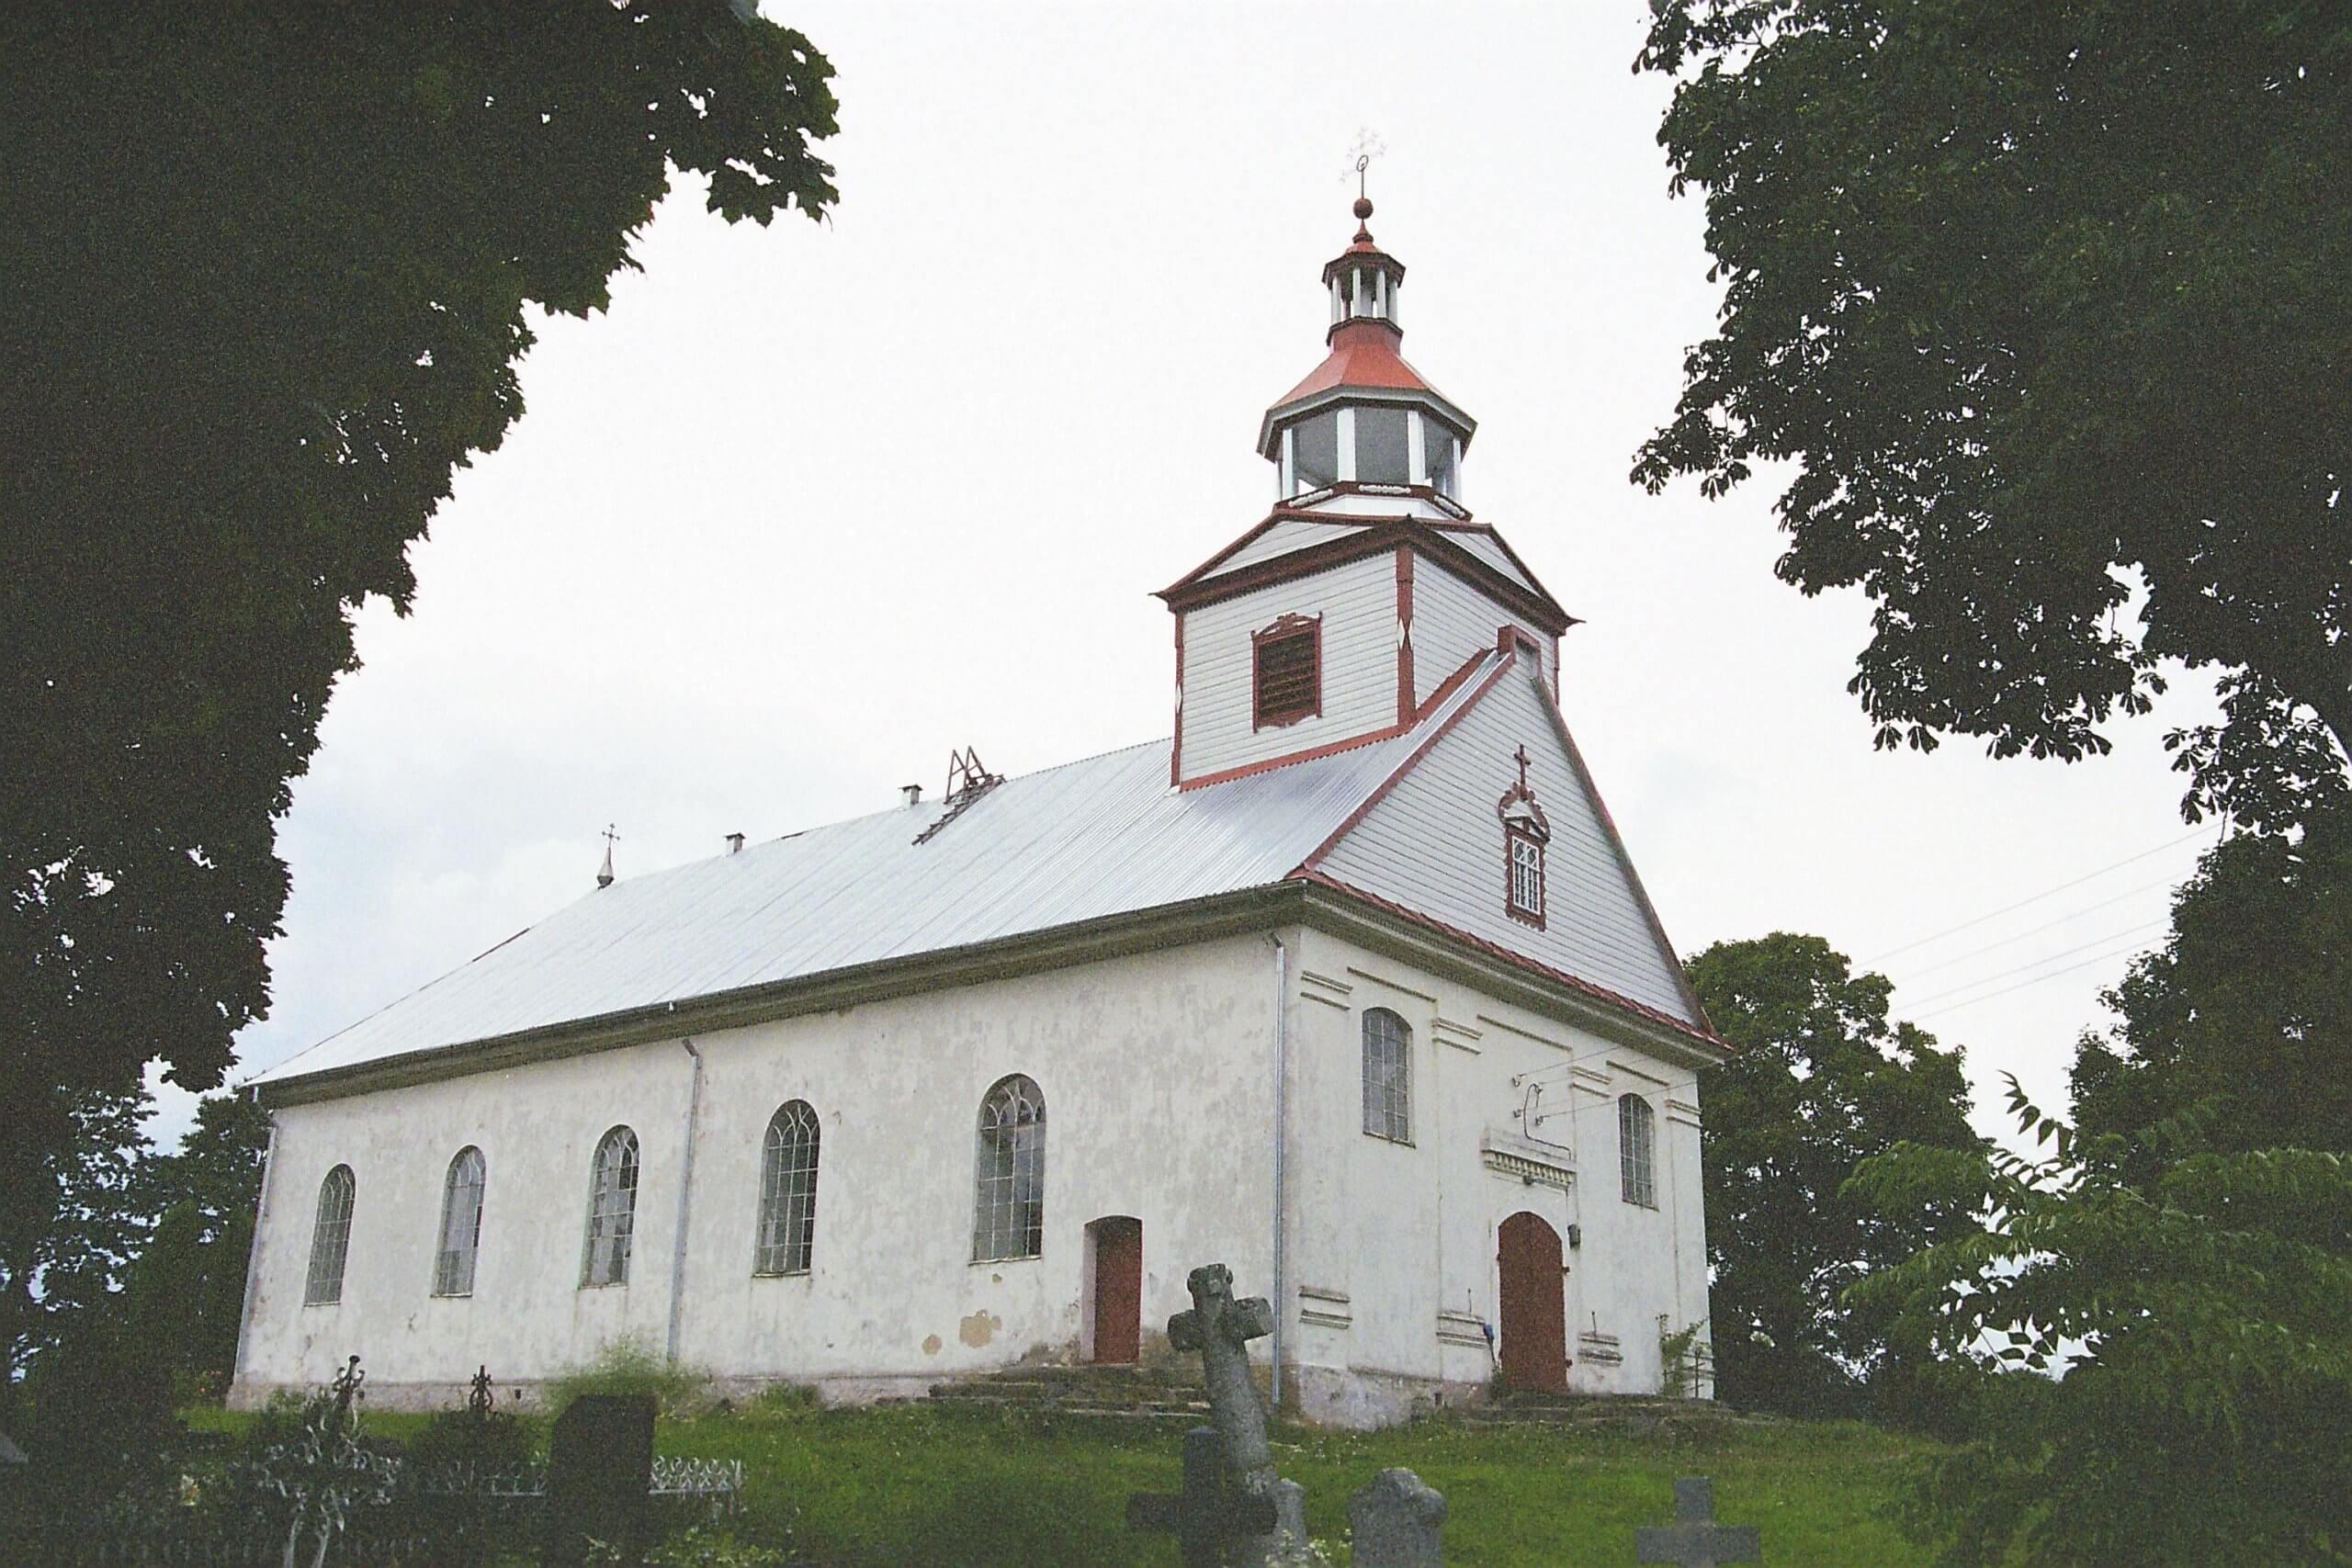 Nerimdaičių Šv. apaštalo Baltramiejaus bažnyčia (Telšių rajonas)